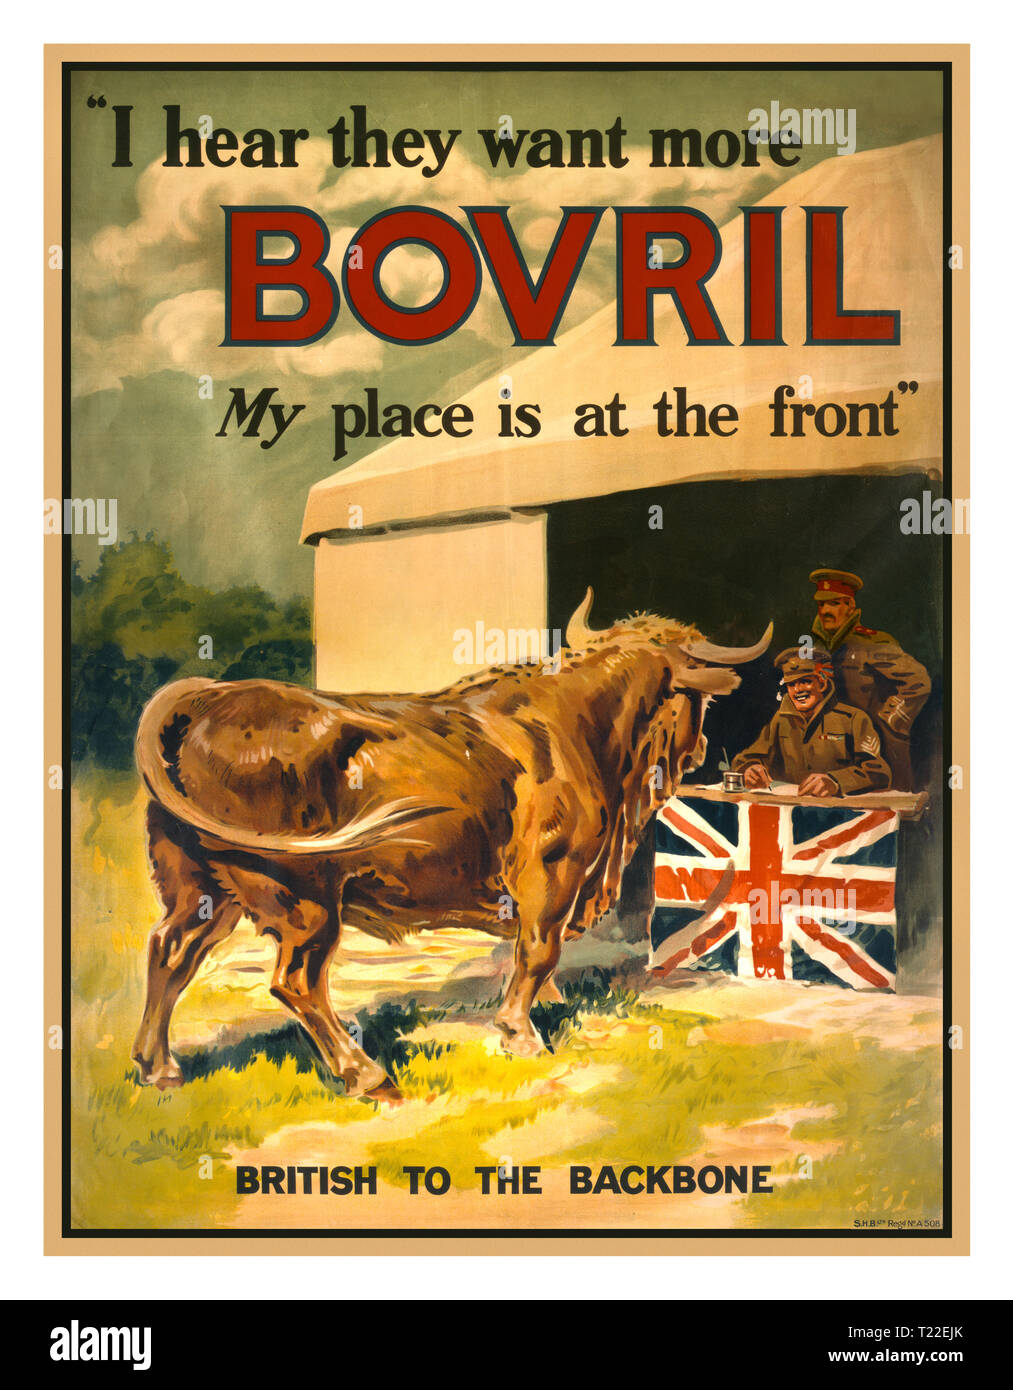 """WW1 British assunzione poster di propaganda 1915 """"Ho sentito che vogliono più Bovril. Il mio posto è sul lato anteriore """" Propaganda Vintage Poster raffigurante un toro che si avvicinano ad un stazione di reclutamento decorata con la bandiera britannica. Bovril è un marchio di estratto di carne bovina. Immagini Stock"""